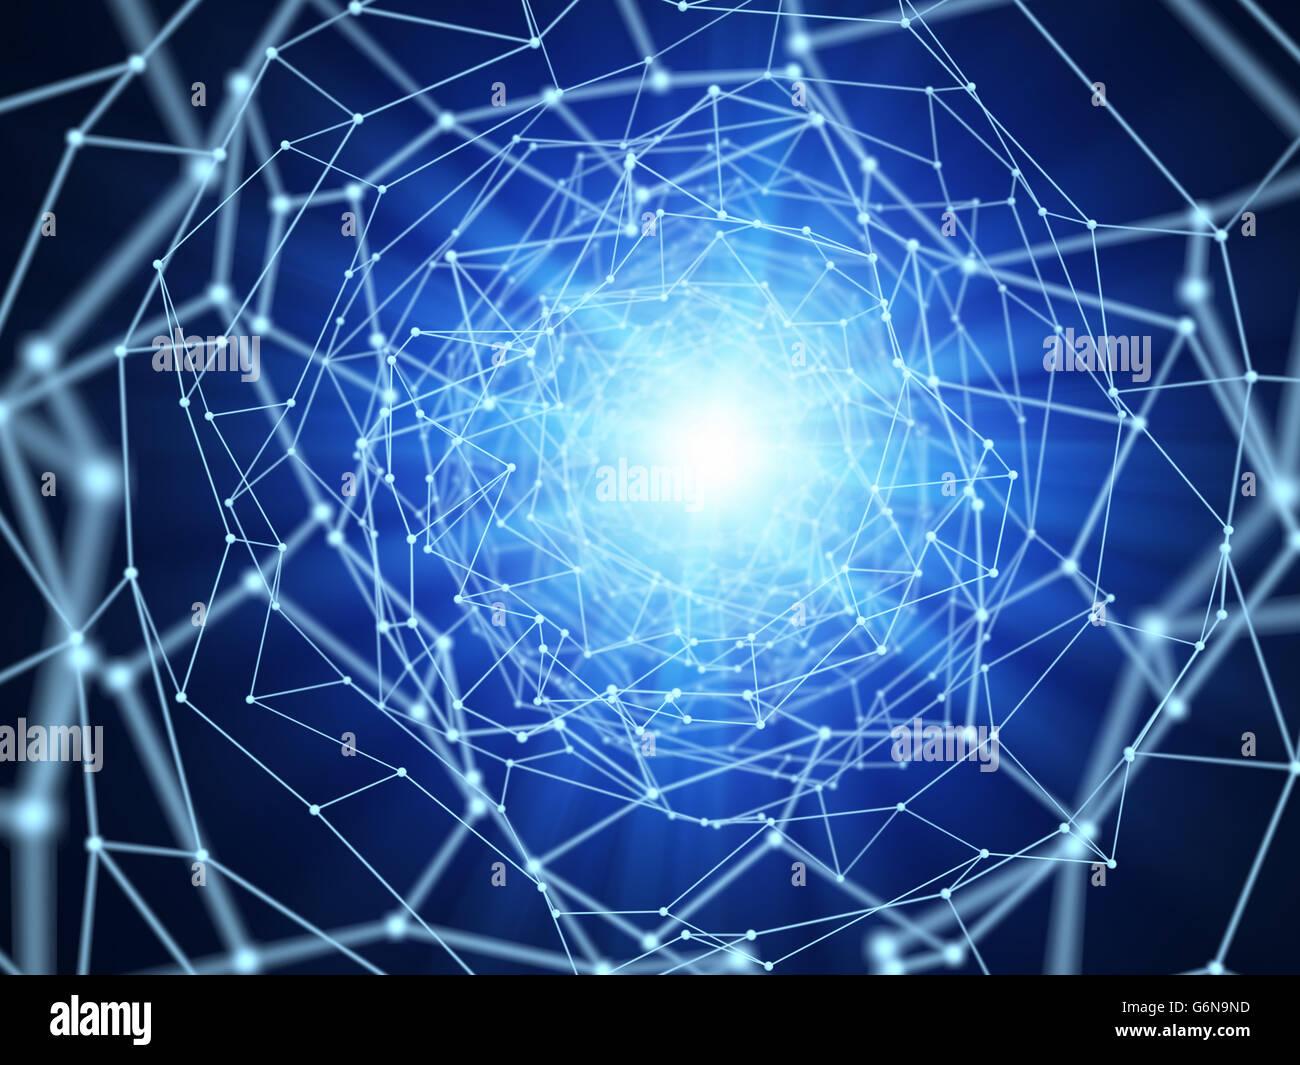 Résumé Les connexions réseau - 3d illustration Photo Stock